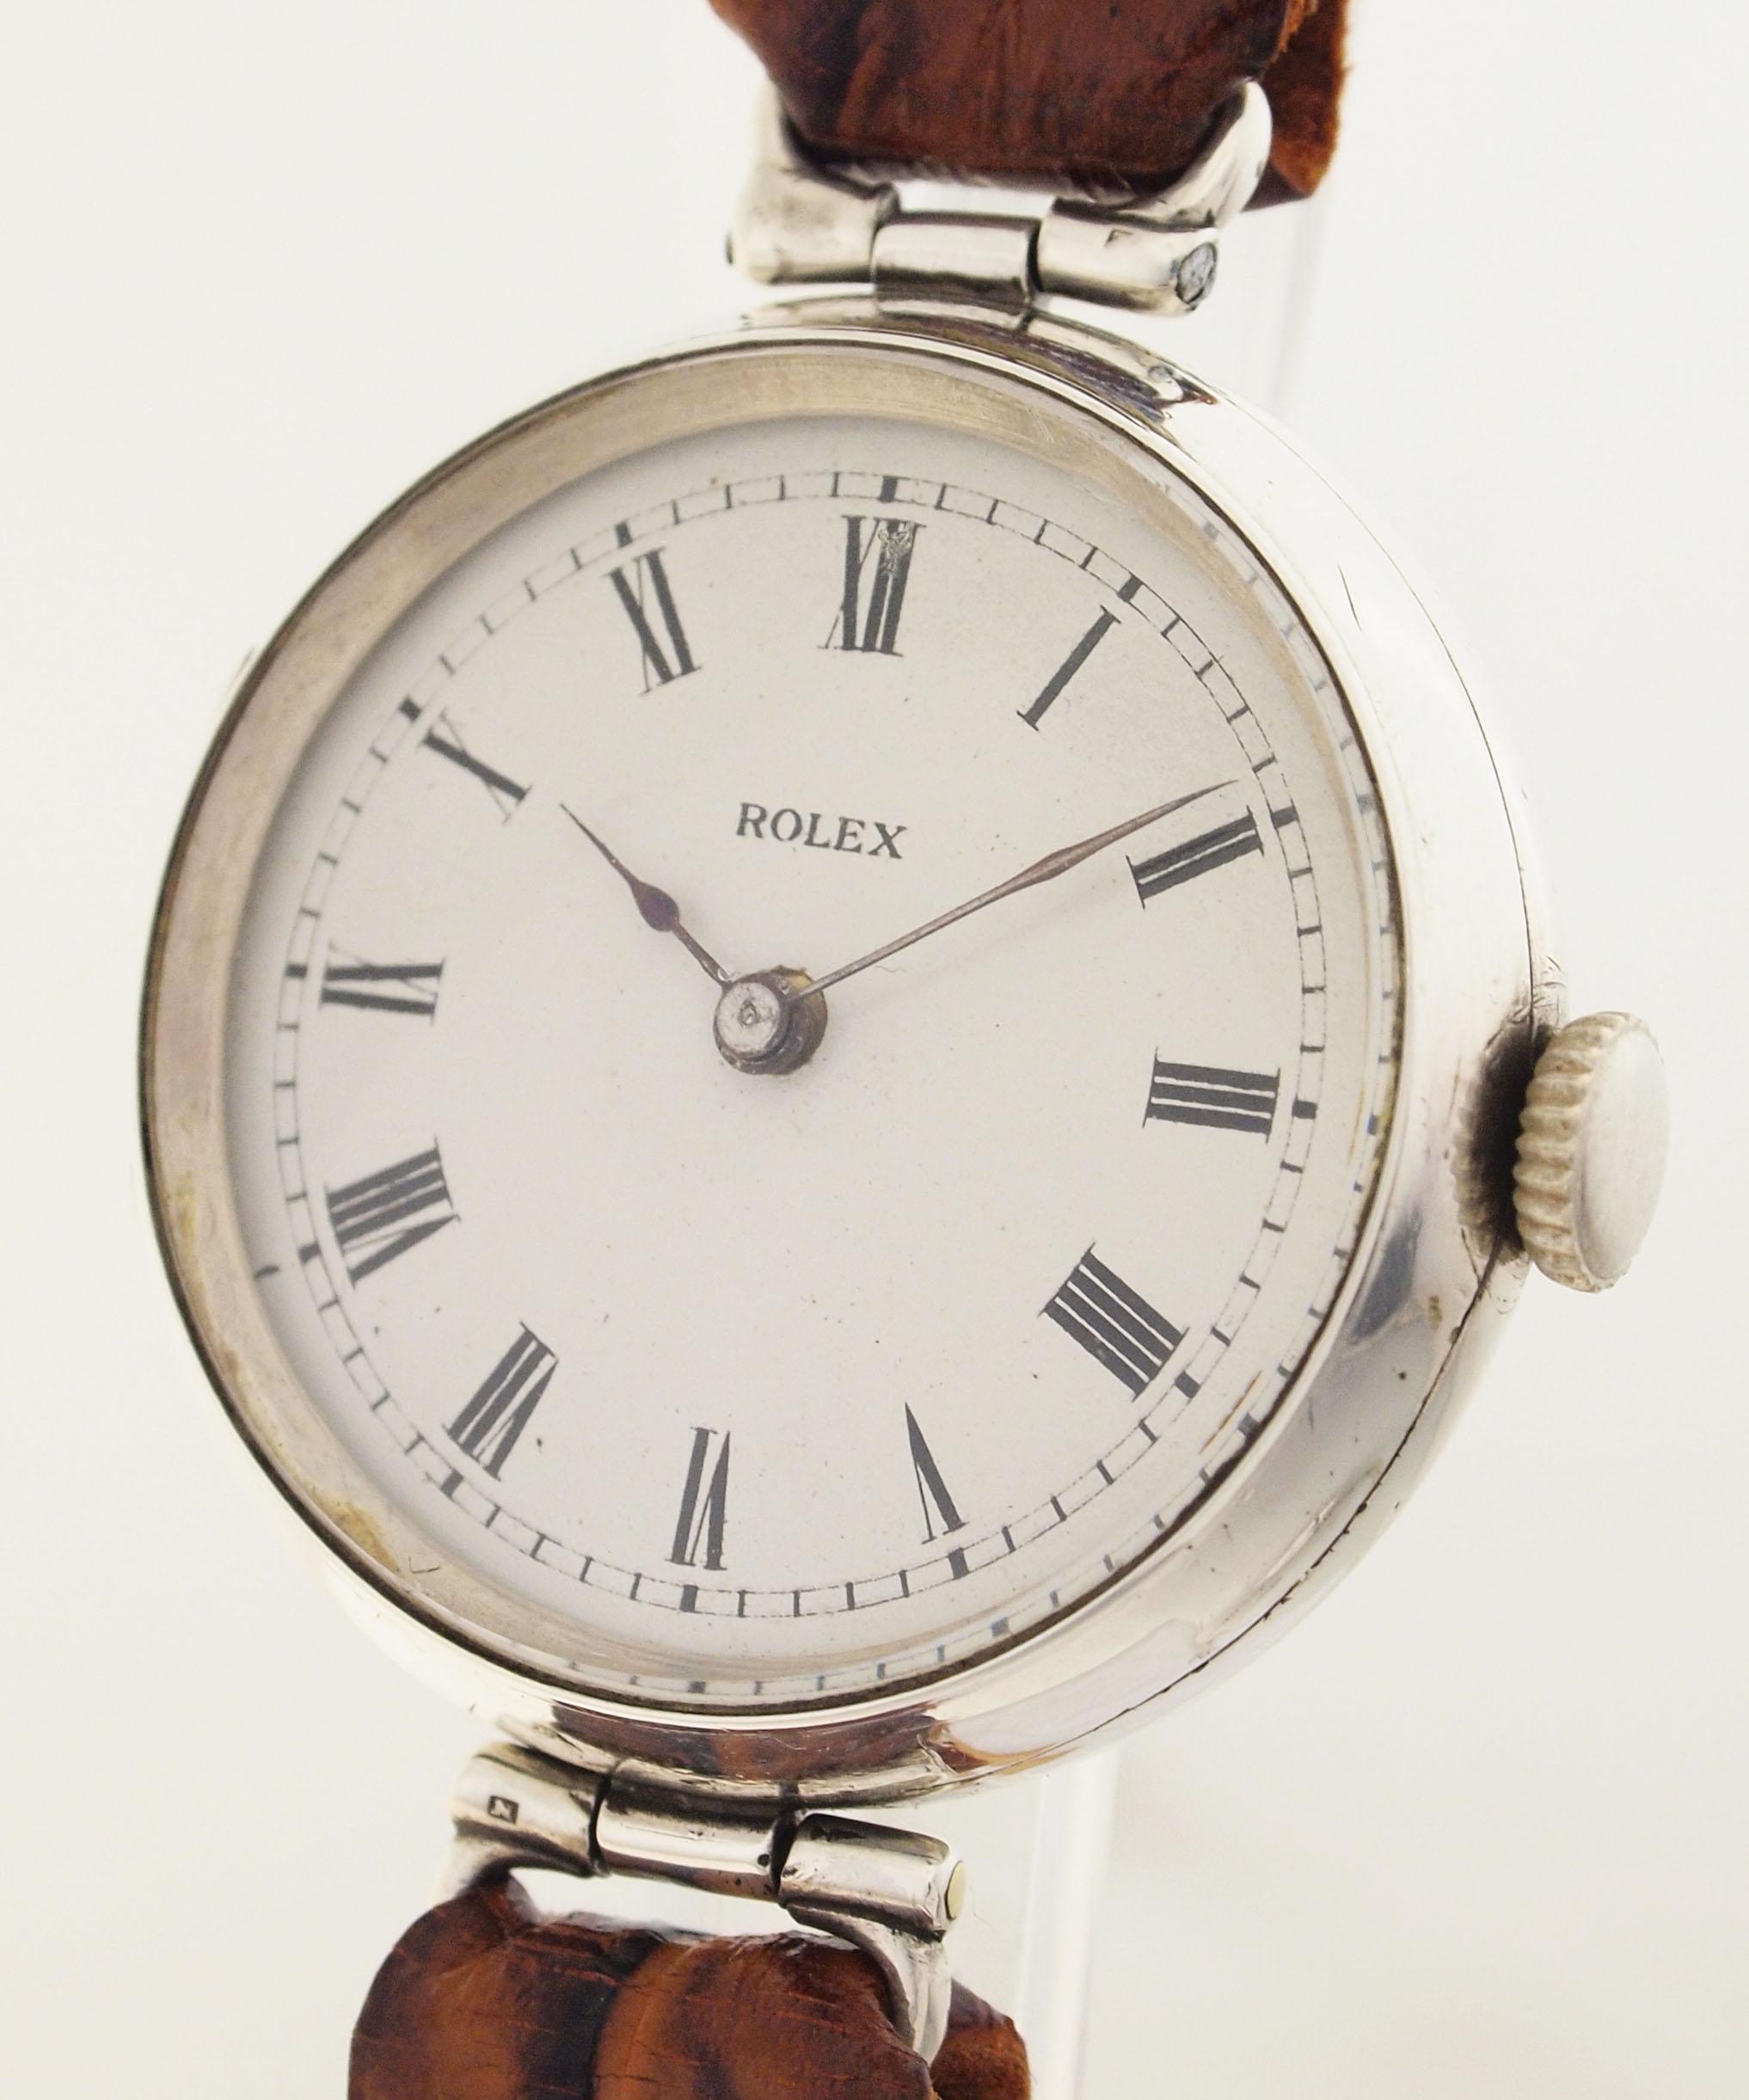 rolex eine der ersten armband uhren wilsdorf london um 1919 925er silber ebay. Black Bedroom Furniture Sets. Home Design Ideas